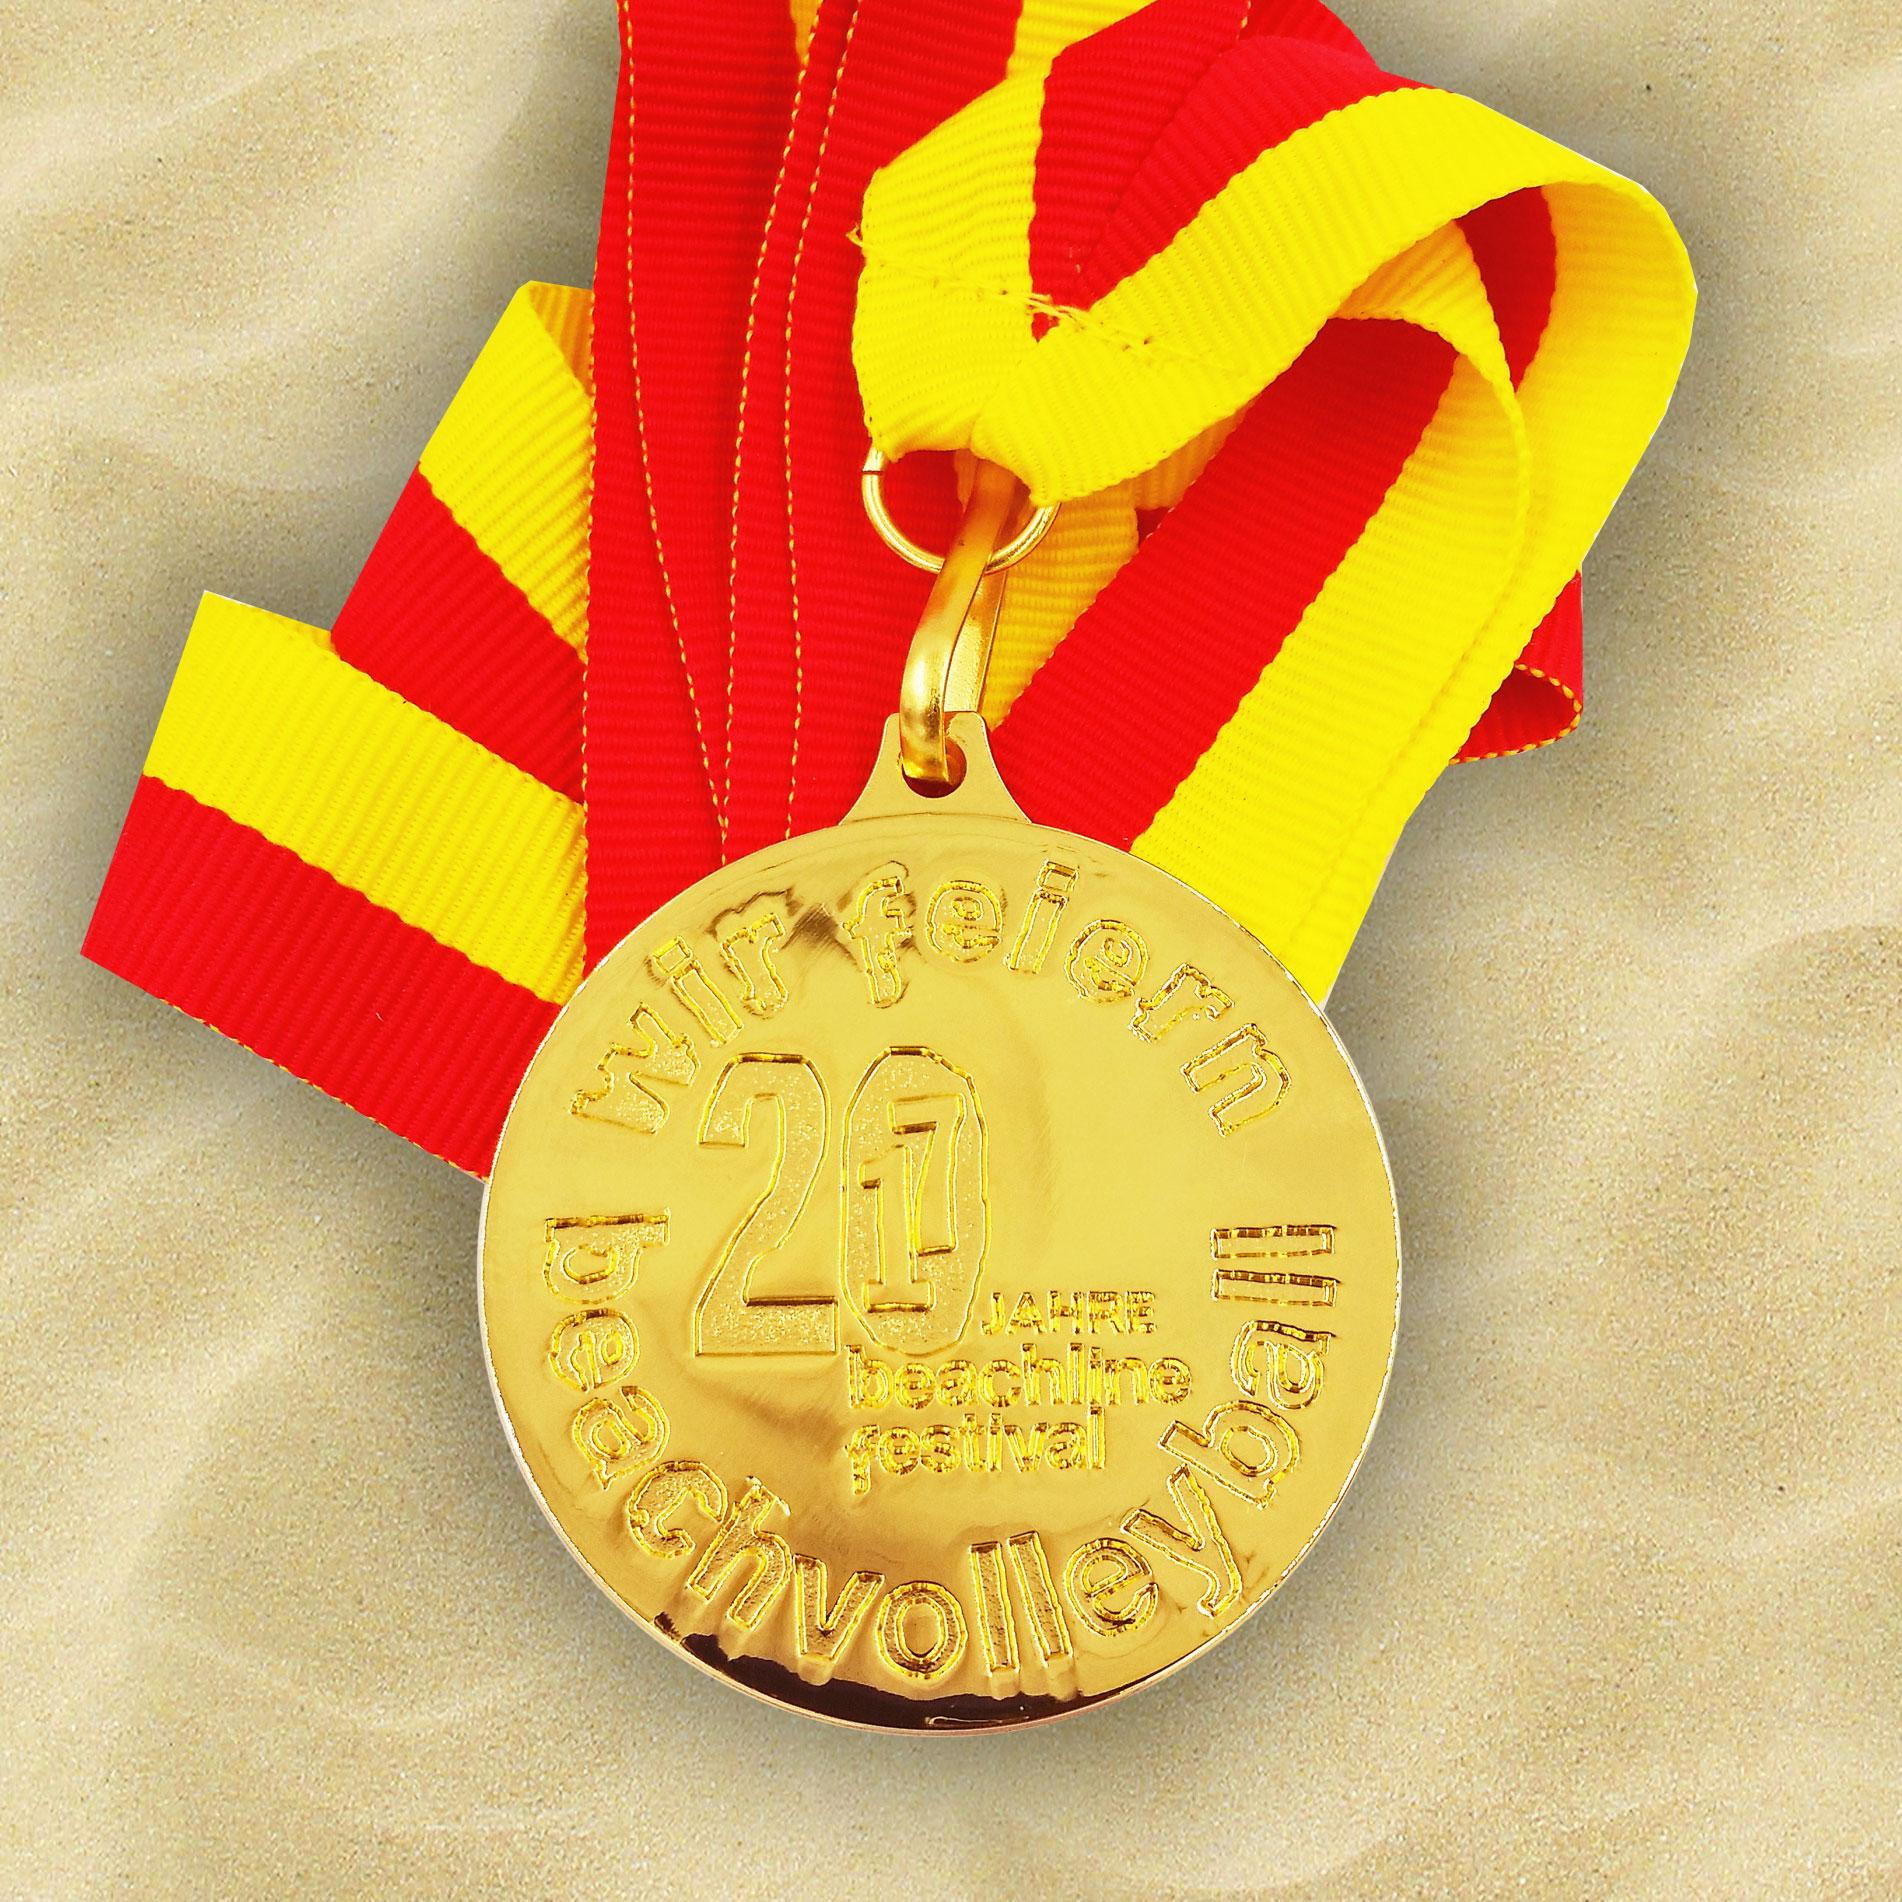 25.04.2017: Größtes Beachvolleyballcamp der Welt